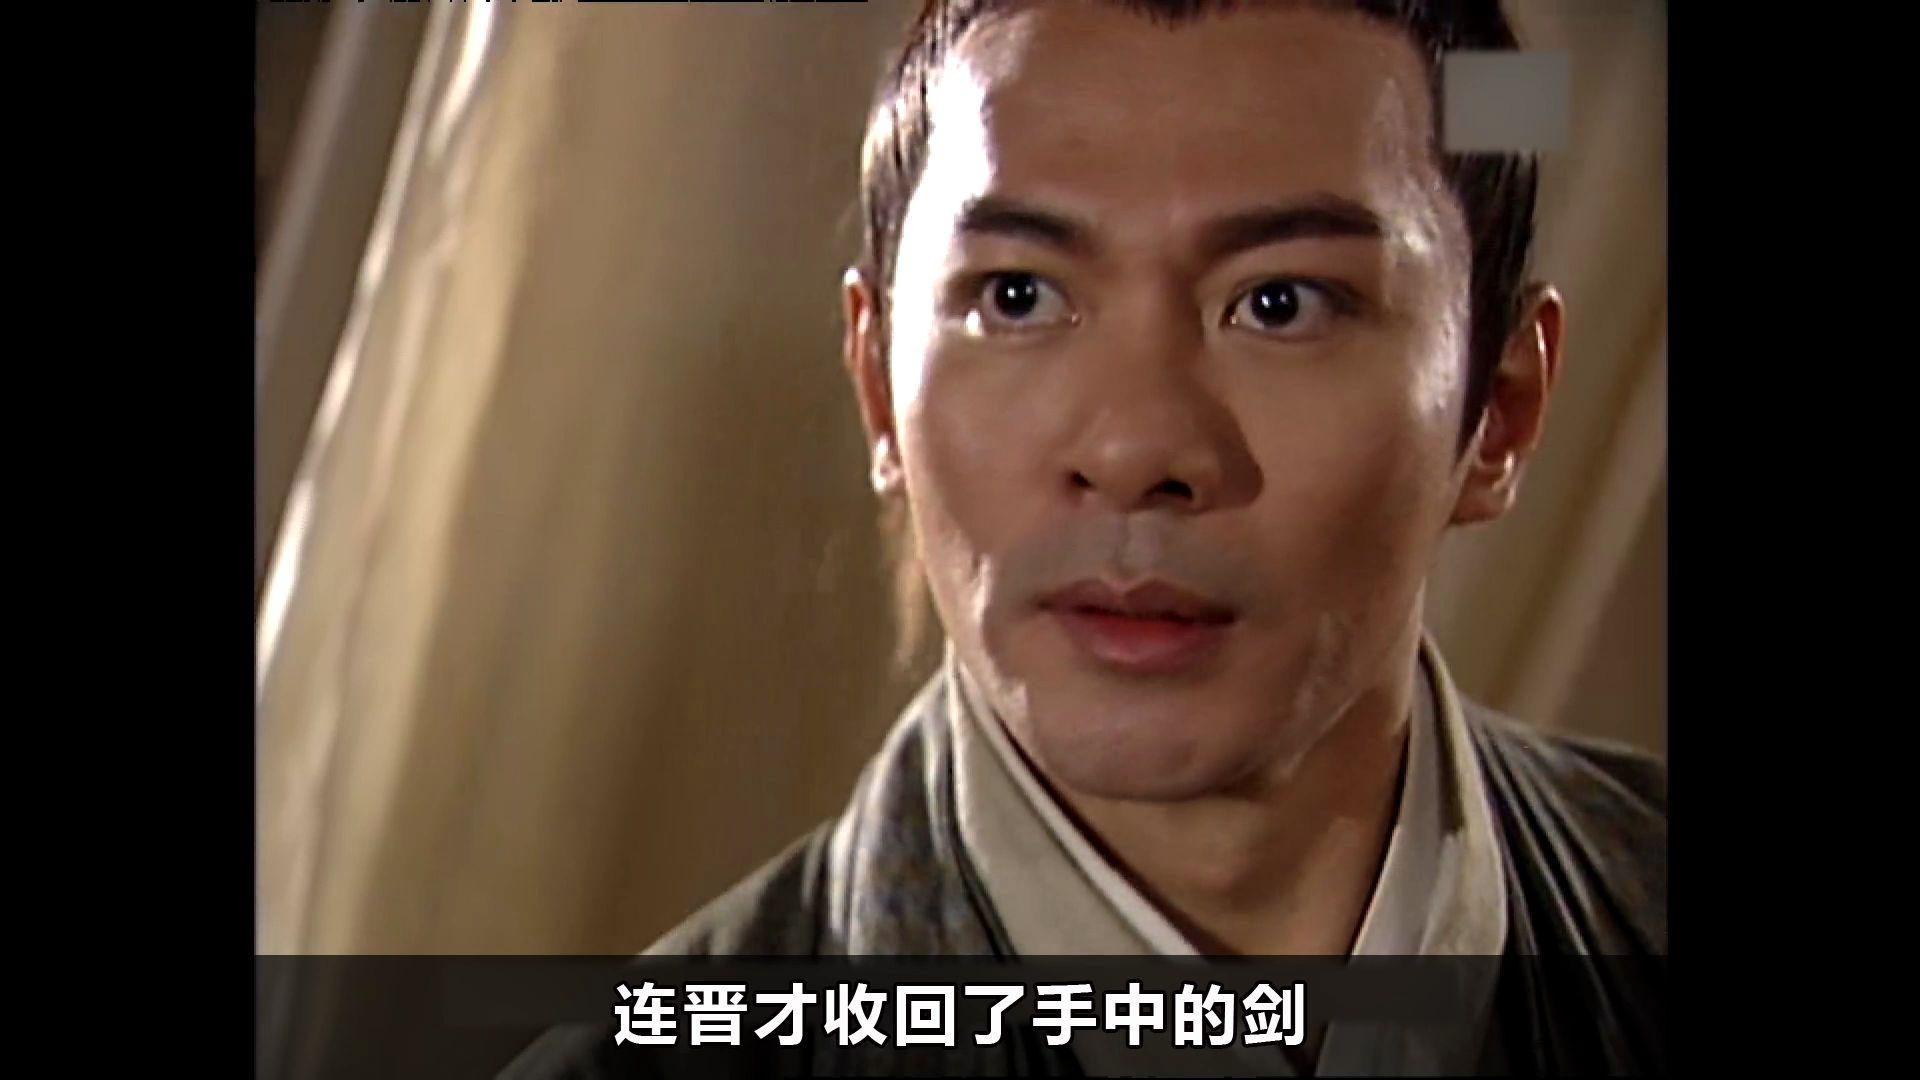 《寻秦记》解说第21集,连晋对乌廷芳图谋不轨,正巧被项少龙撞破